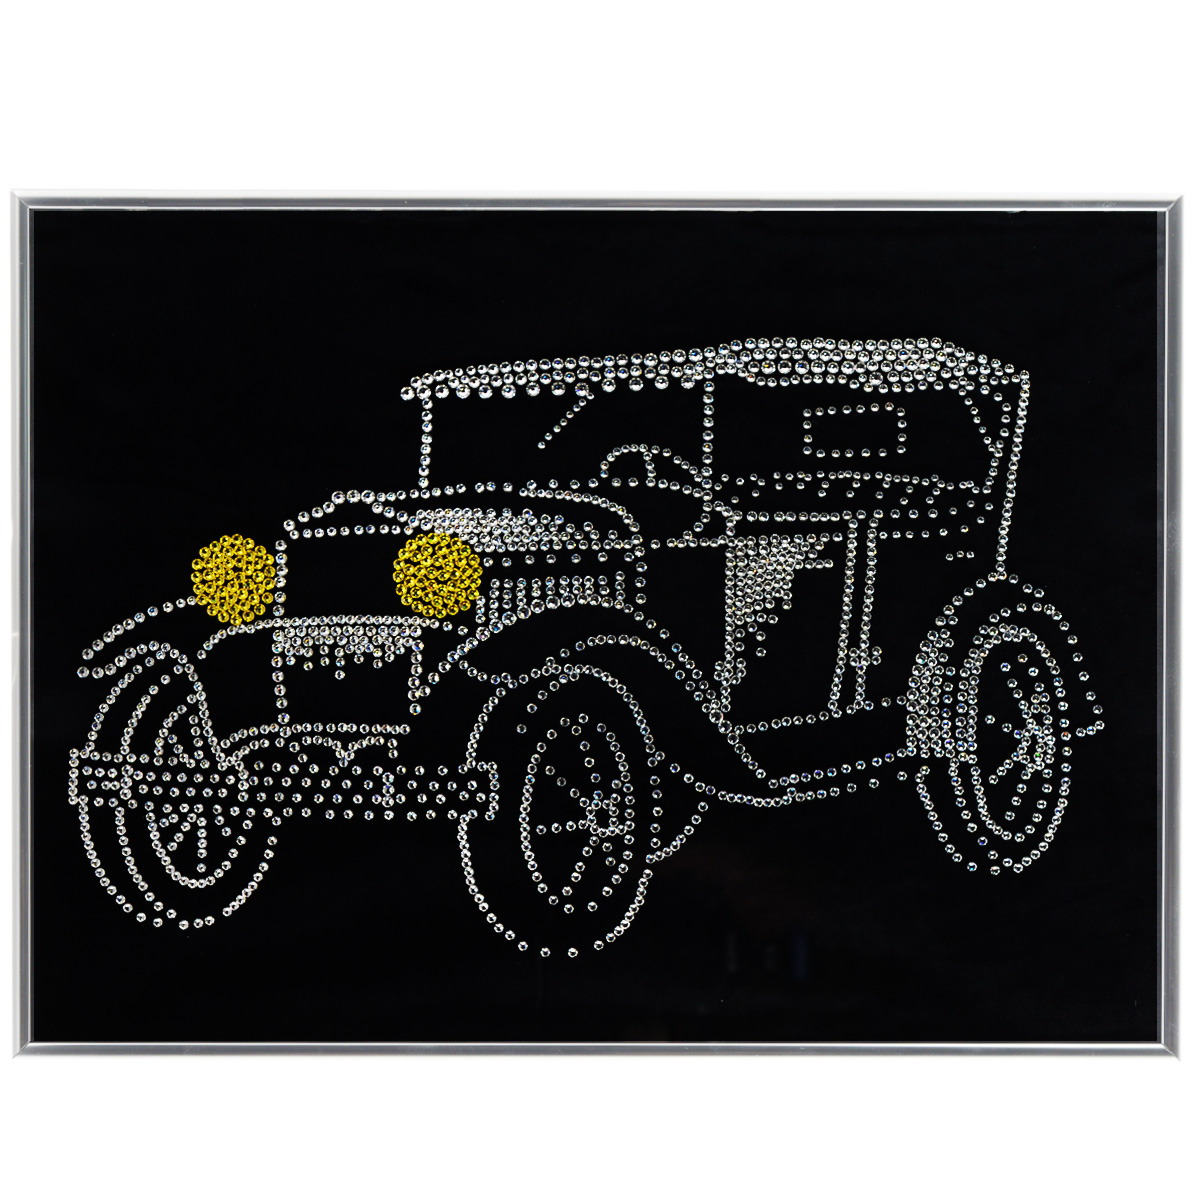 Картина с кристаллами Swarovski Ретроавтомобиль, 40 см х 30 см853066Изящная картина в металлической раме, инкрустирована кристаллами Swarovski в виде ретро автомобиля. Кристаллы Swarovski отличаются четкой и ровной огранкой, ярким блеском и чистотой цвета. Под стеклом картина оформлена бархатистой тканью, что прекрасно дополняет блеск кристаллов. С обратной стороны имеется металлическая проволока для размещения картины на стене. Картина с кристаллами Swarovski Ретроавтомобиль элегантно украсит интерьер дома или офиса, а также станет прекрасным подарком, который обязательно понравится получателю. Блеск кристаллов в интерьере, что может быть сказочнее и удивительнее. Картина упакована в подарочную картонную коробку синего цвета и комплектуется сертификатом соответствия Swarovski.